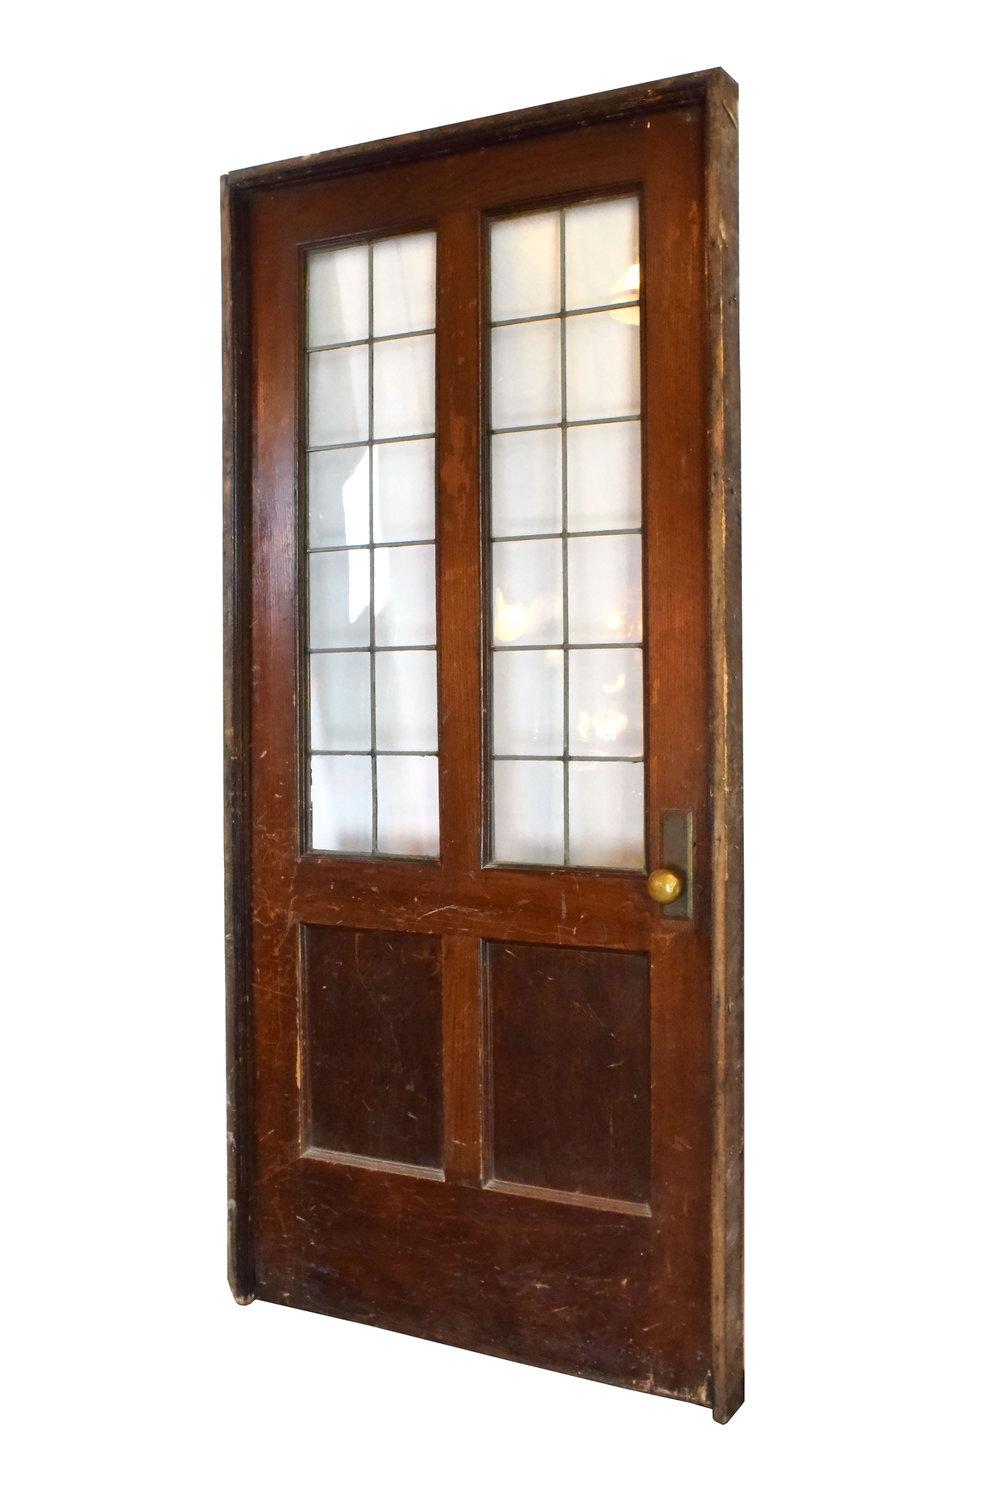 47032-oak-door-with-leaded-doors-angle-view.jpg